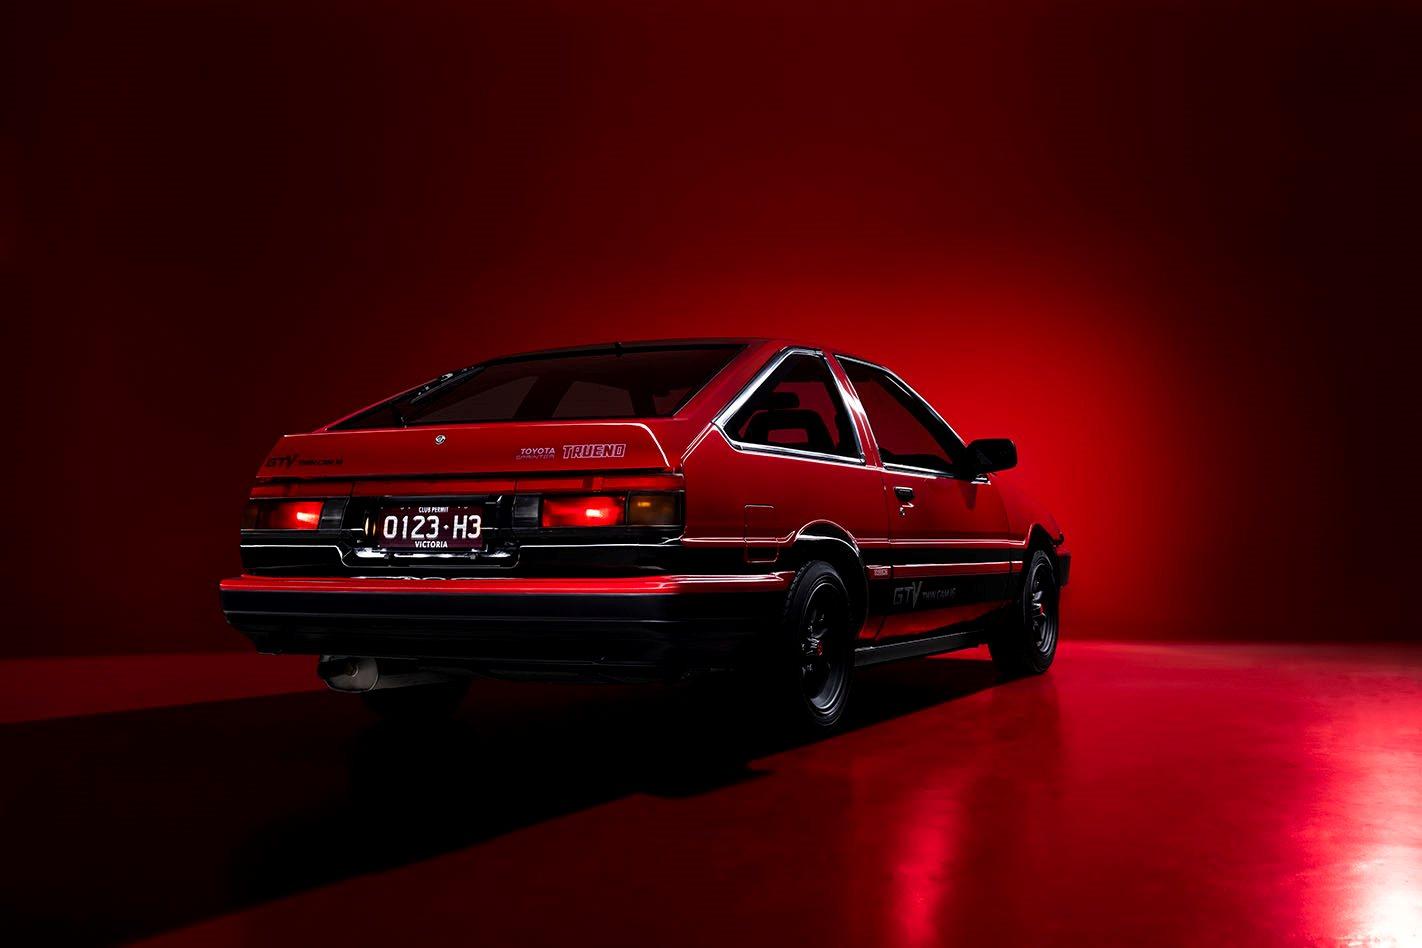 Toyota AE86 rear